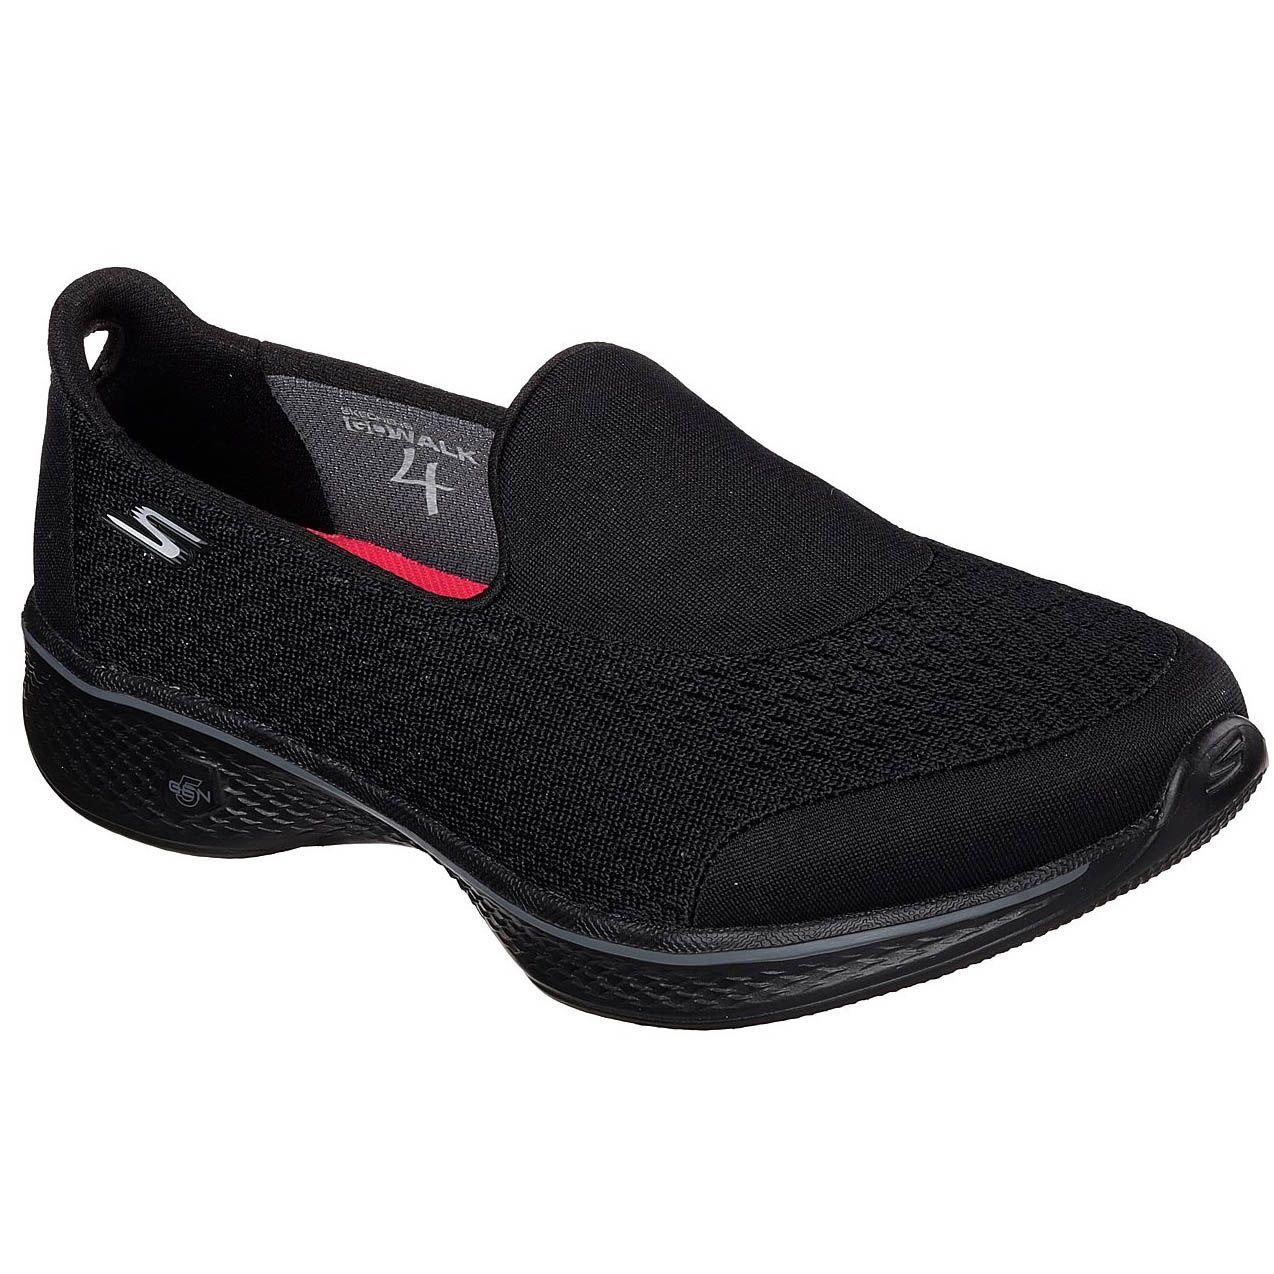 Skechers Go Walk 4 Pursuit Ladies Walking Shoes